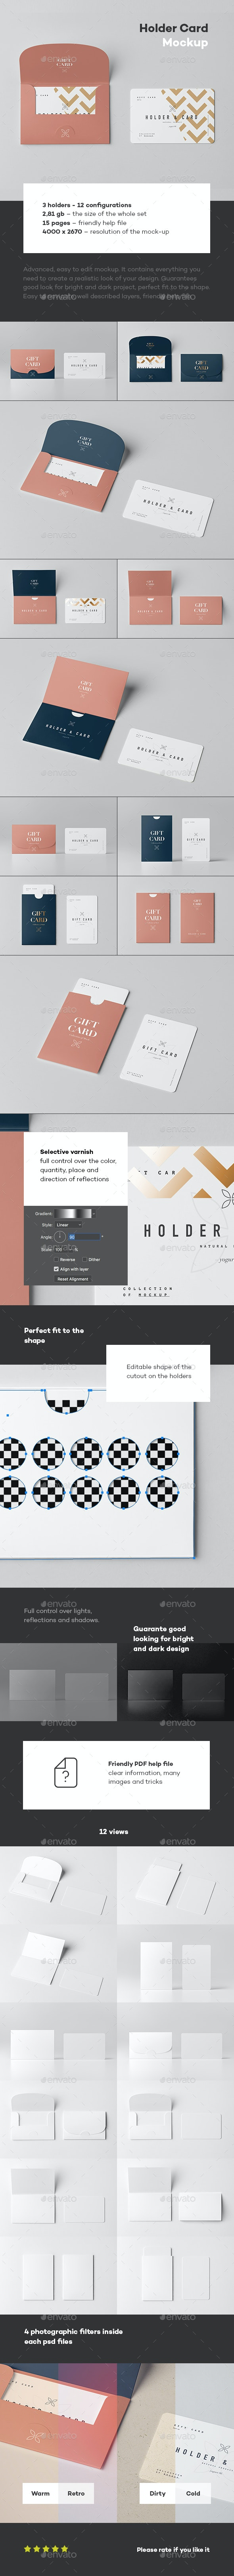 Holder & Card Mock-Up - Business Cards Print